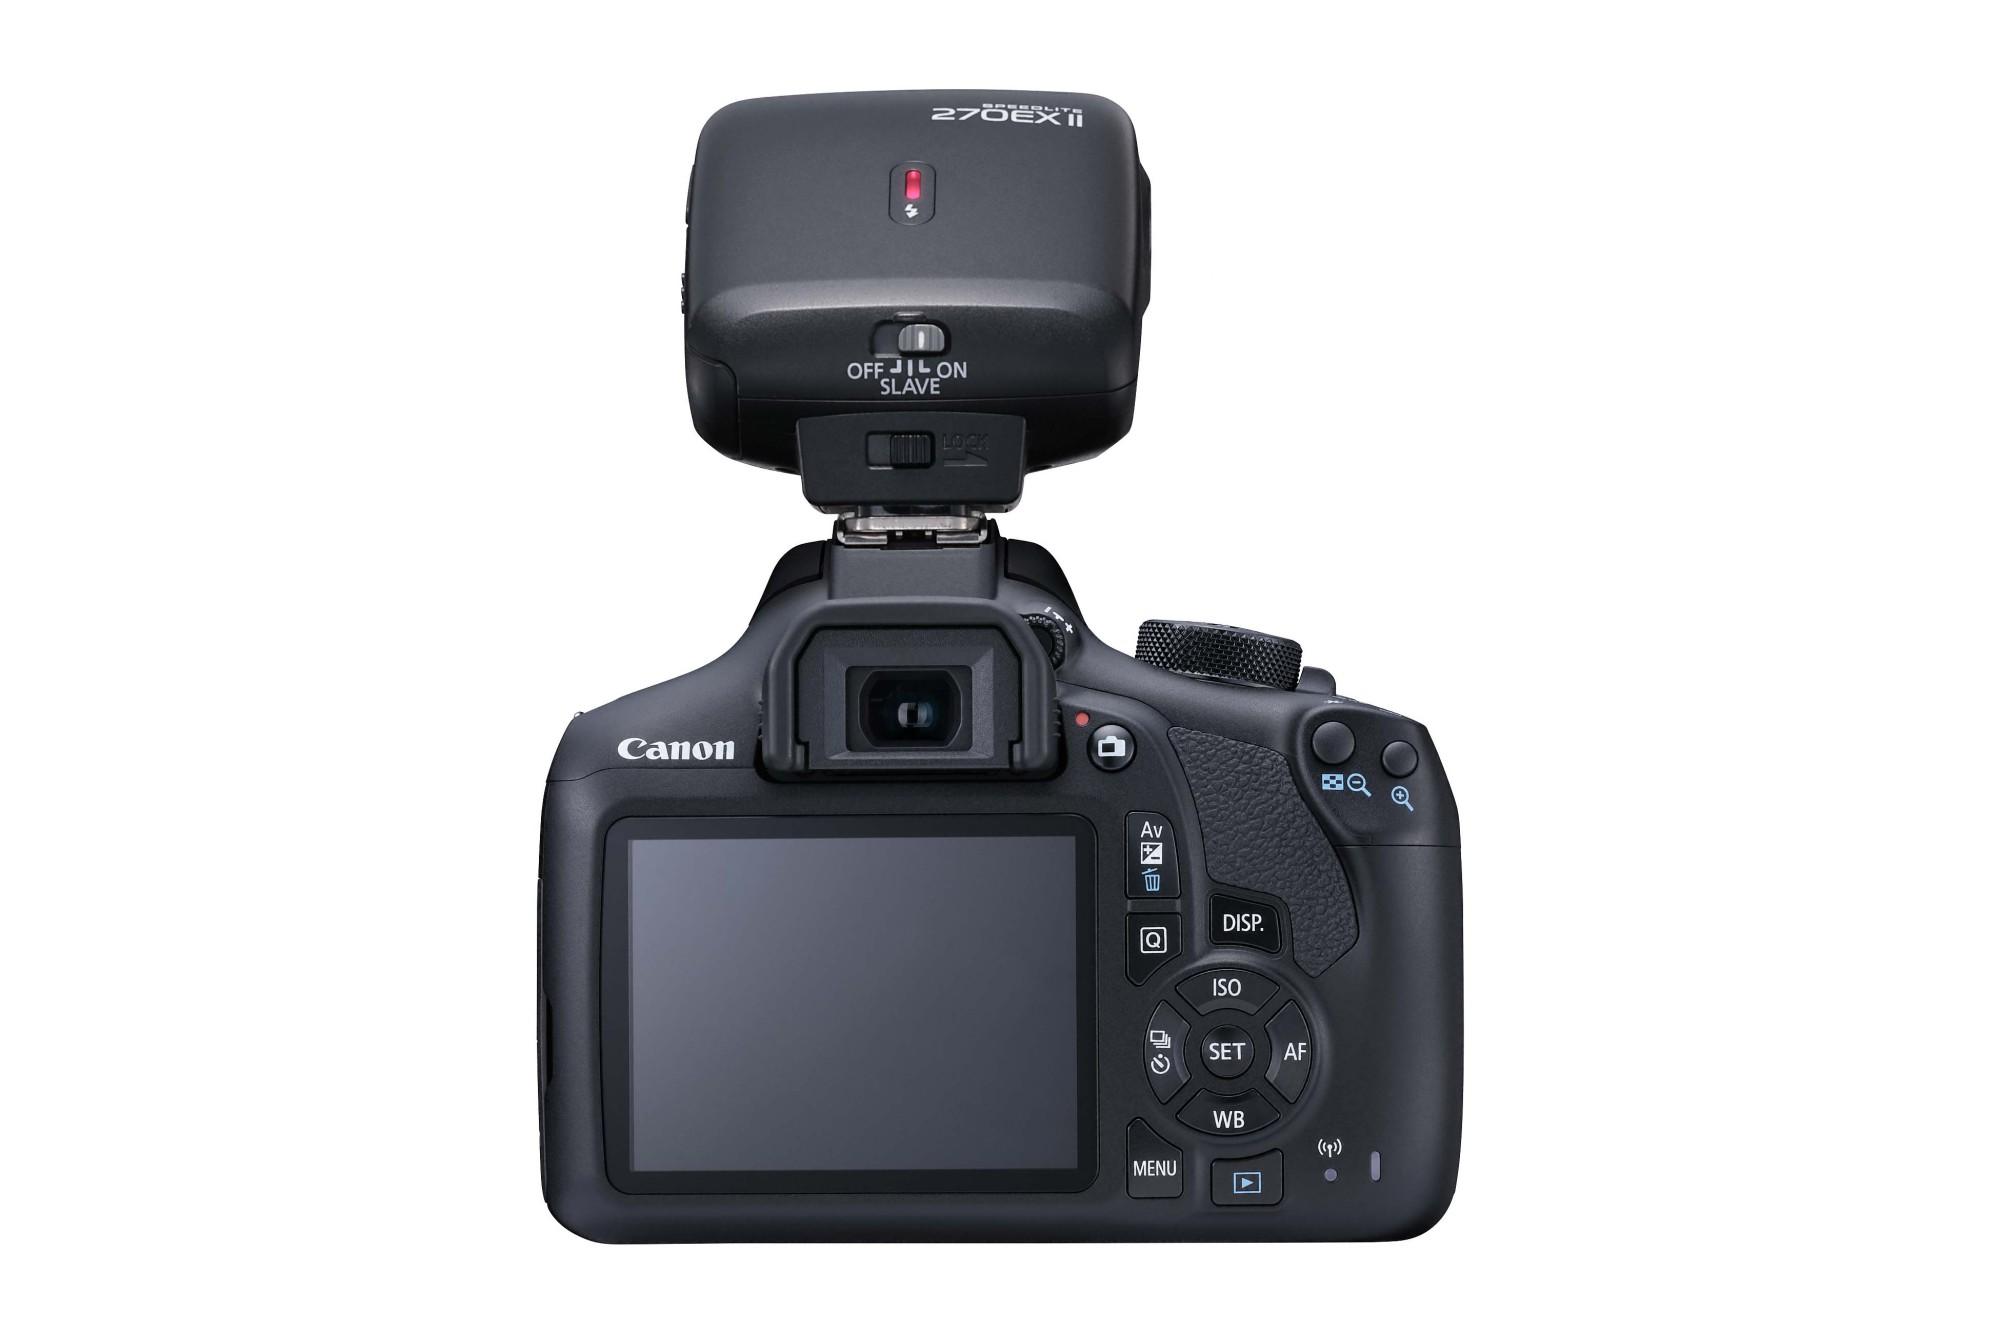 einsteiger spiegelreflexkamera canon eos 1300d im test c. Black Bedroom Furniture Sets. Home Design Ideas